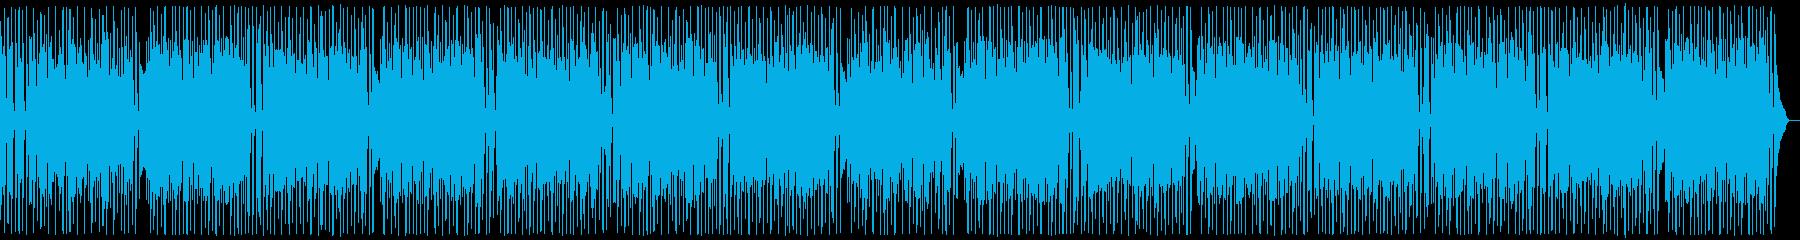 楽しいピアノラグタイム・料理:フル2回の再生済みの波形